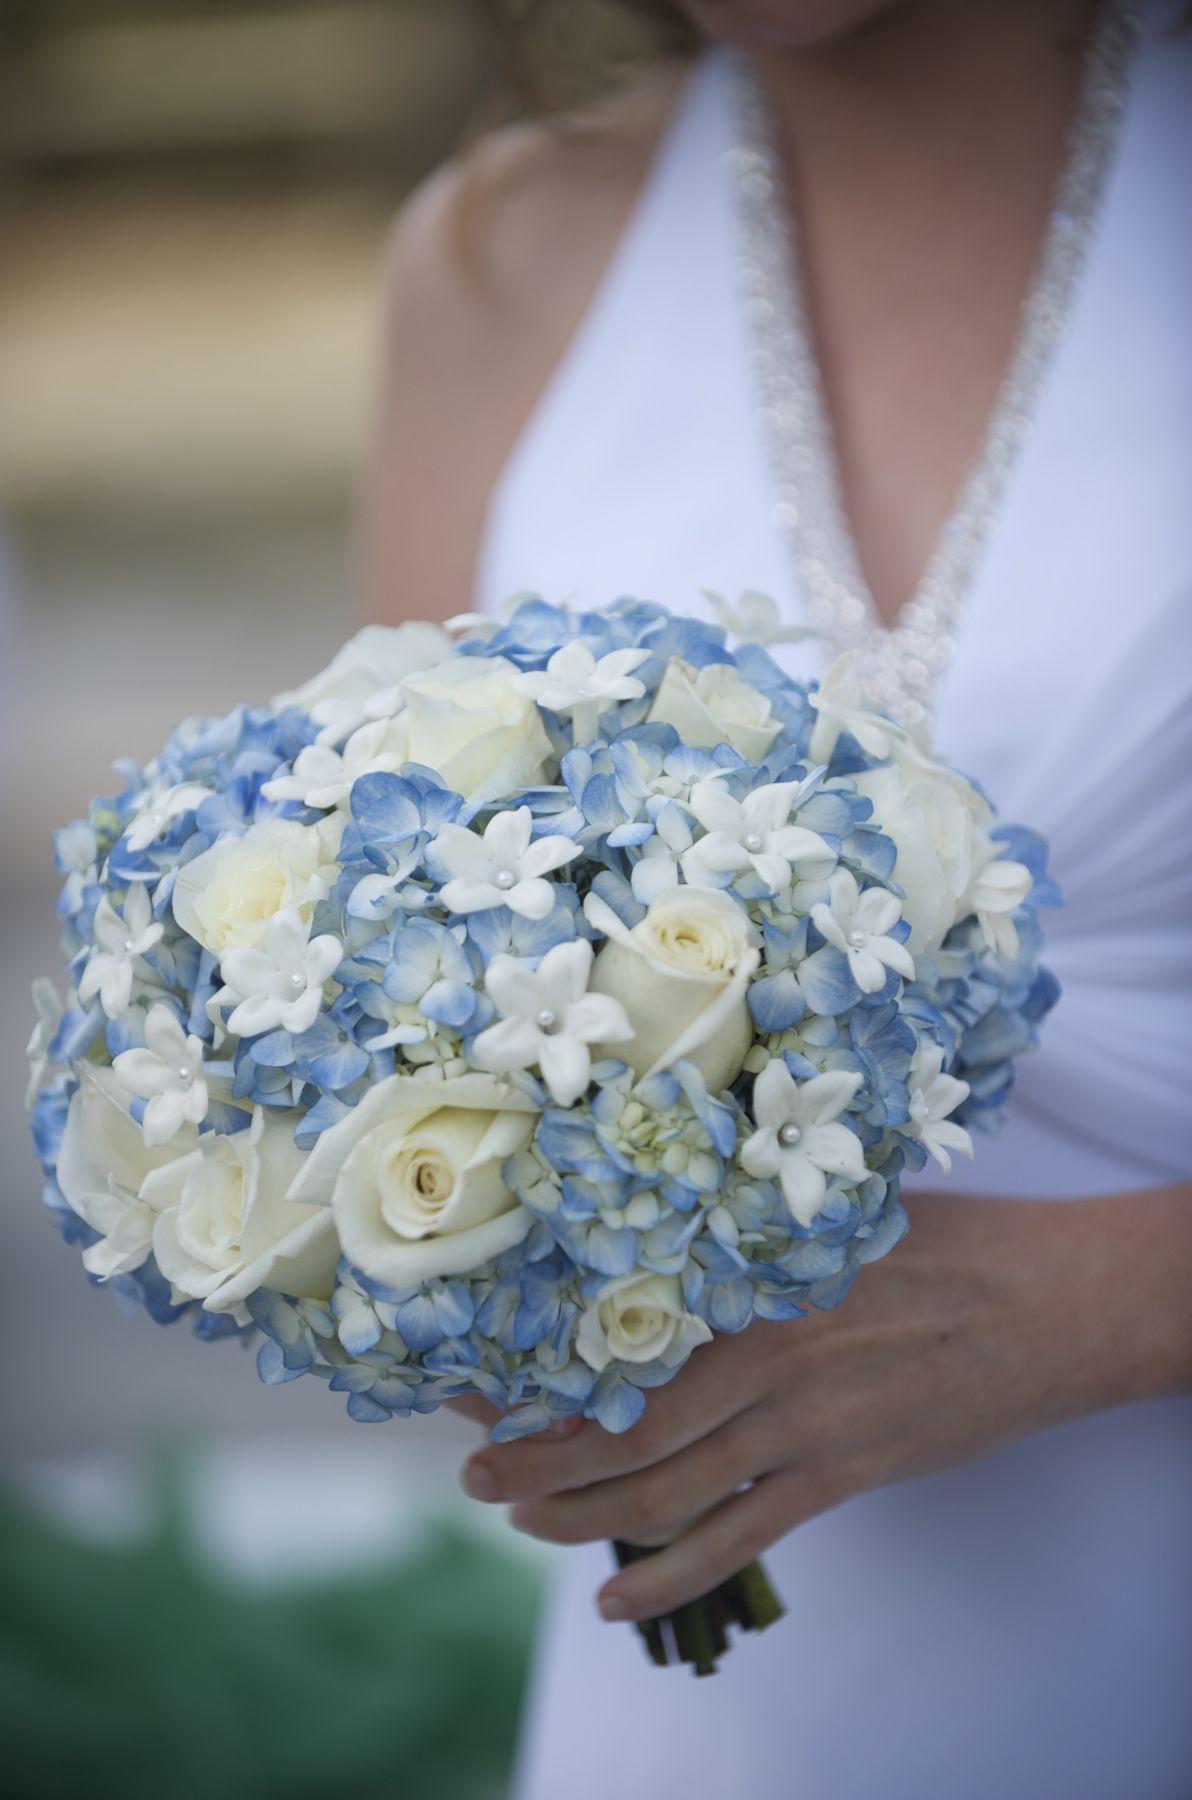 Blue hydrangeas vendelas roses ivory roses stephanotis